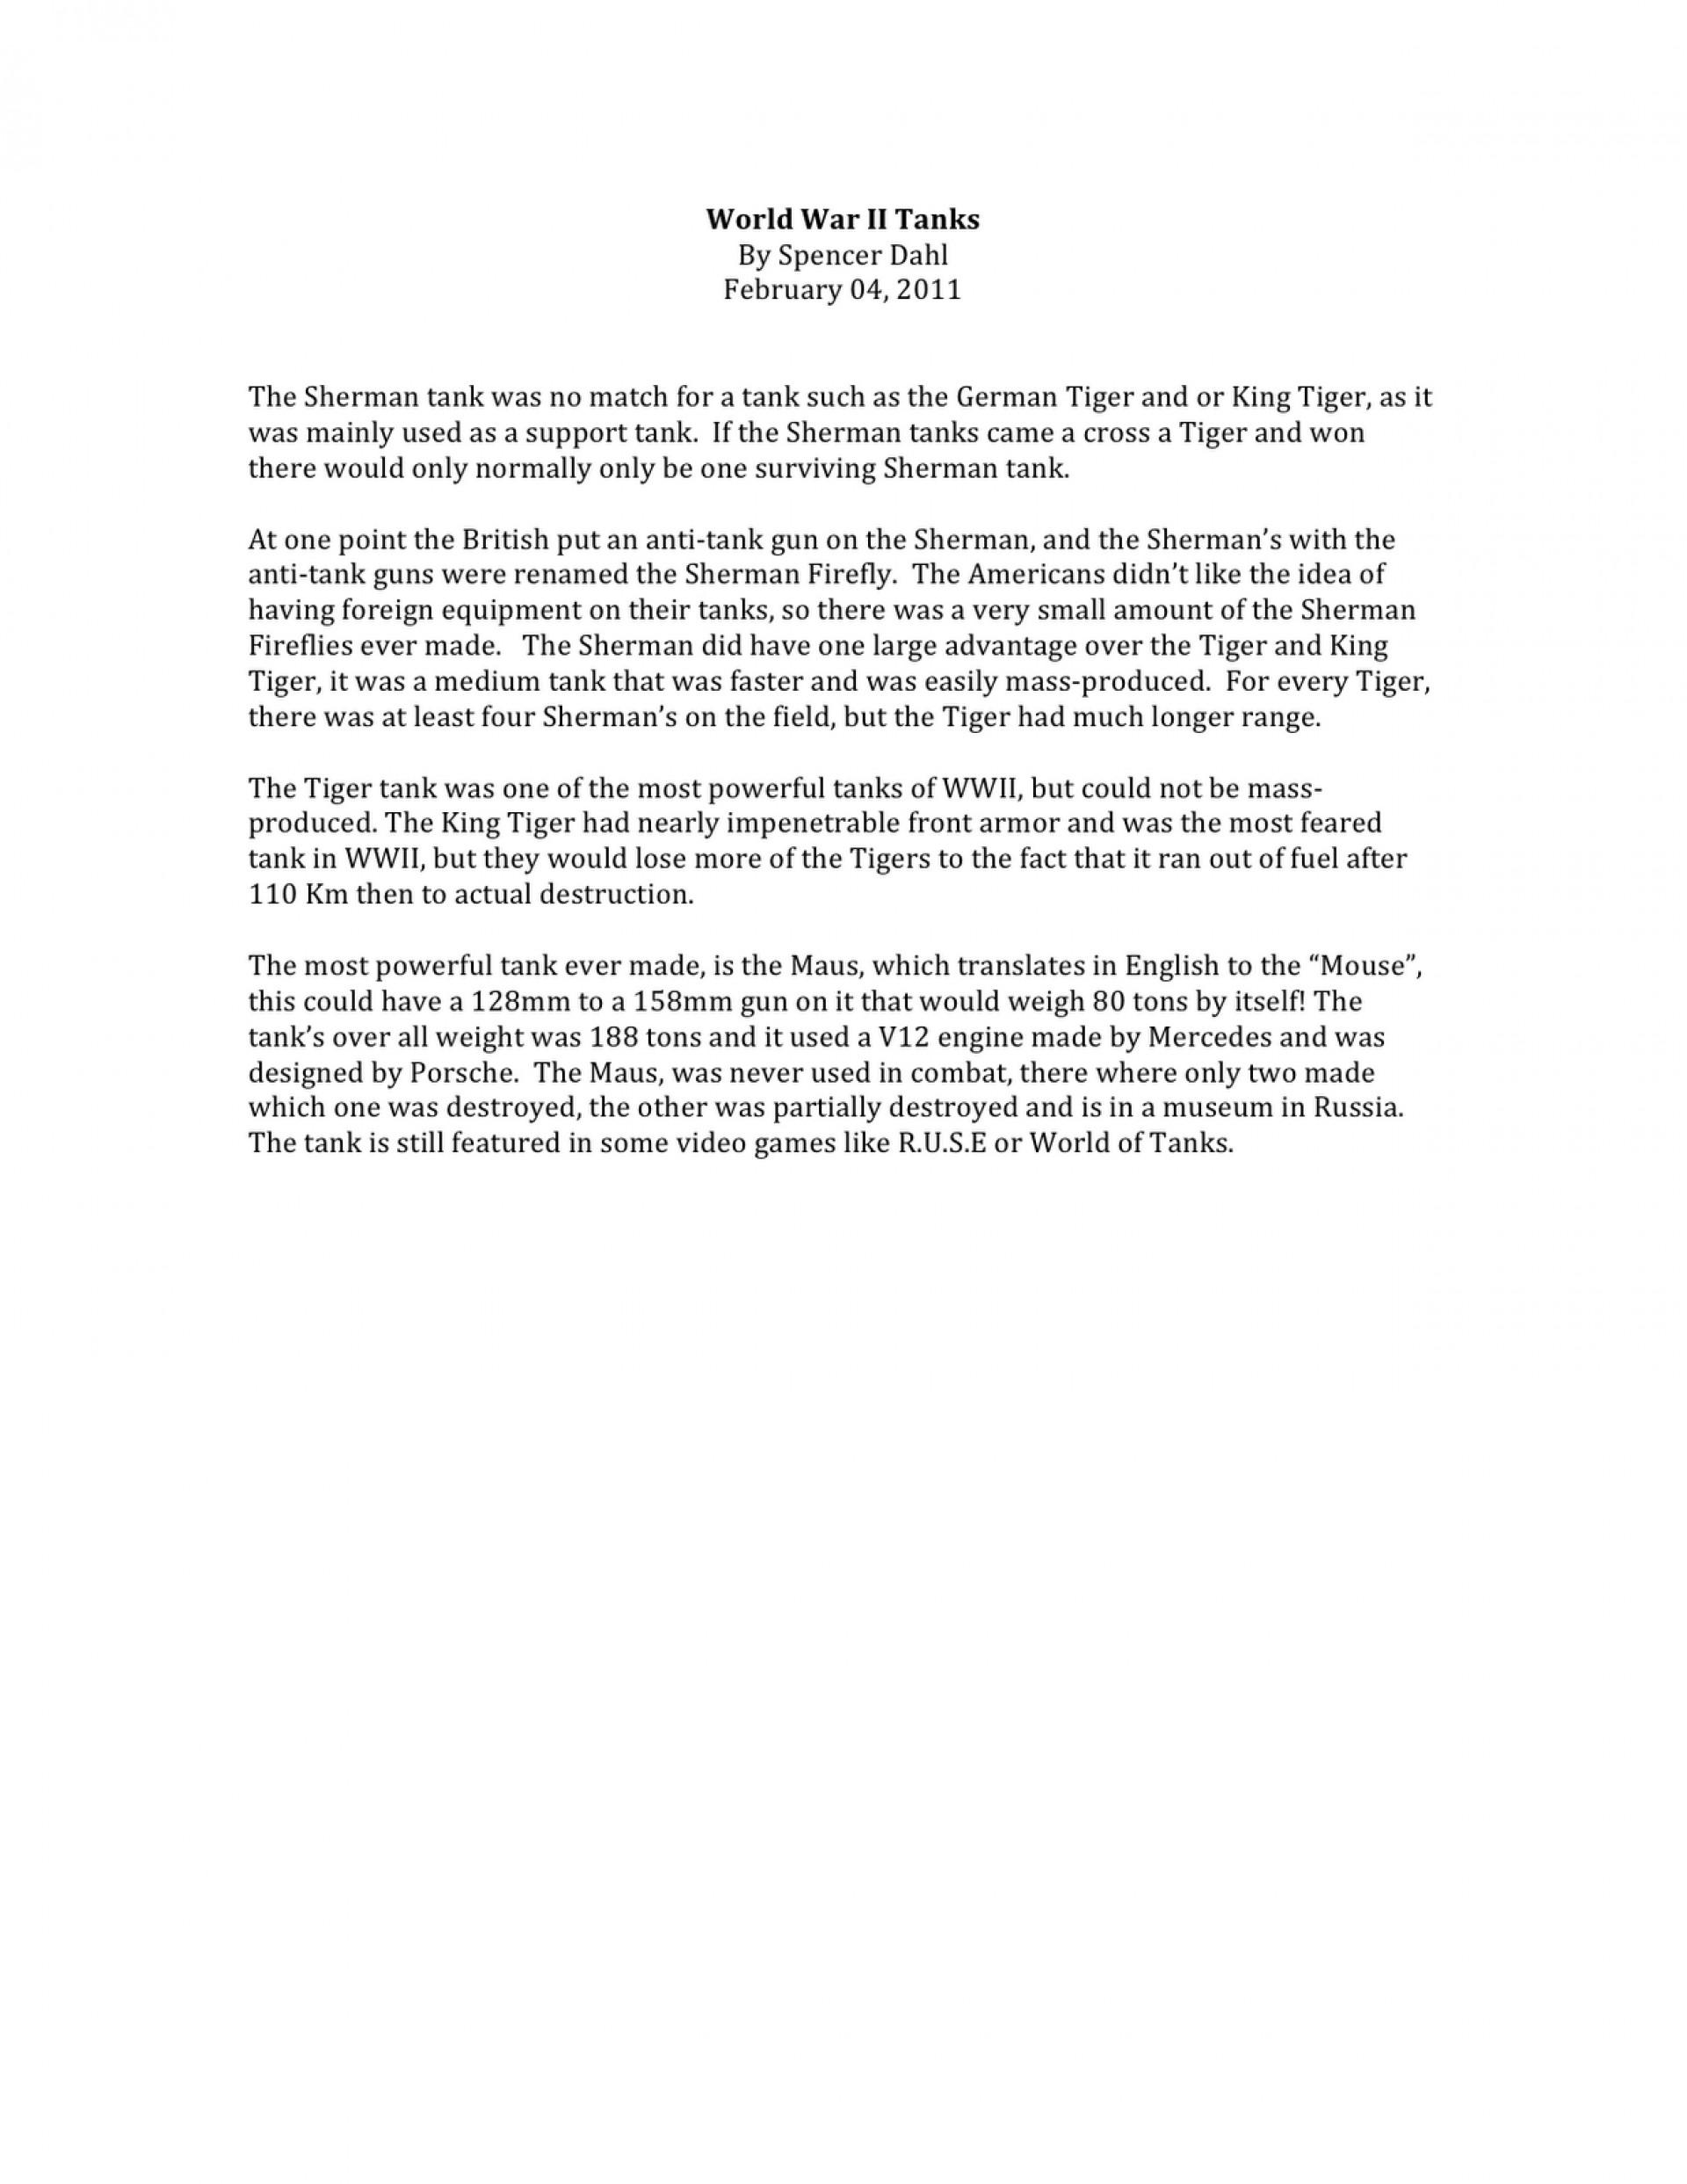 007 Short Essay World2bwar2bii2btanks Shocking Answer Rubric Apush About Slavery In America Questions Internal Medicine 1920